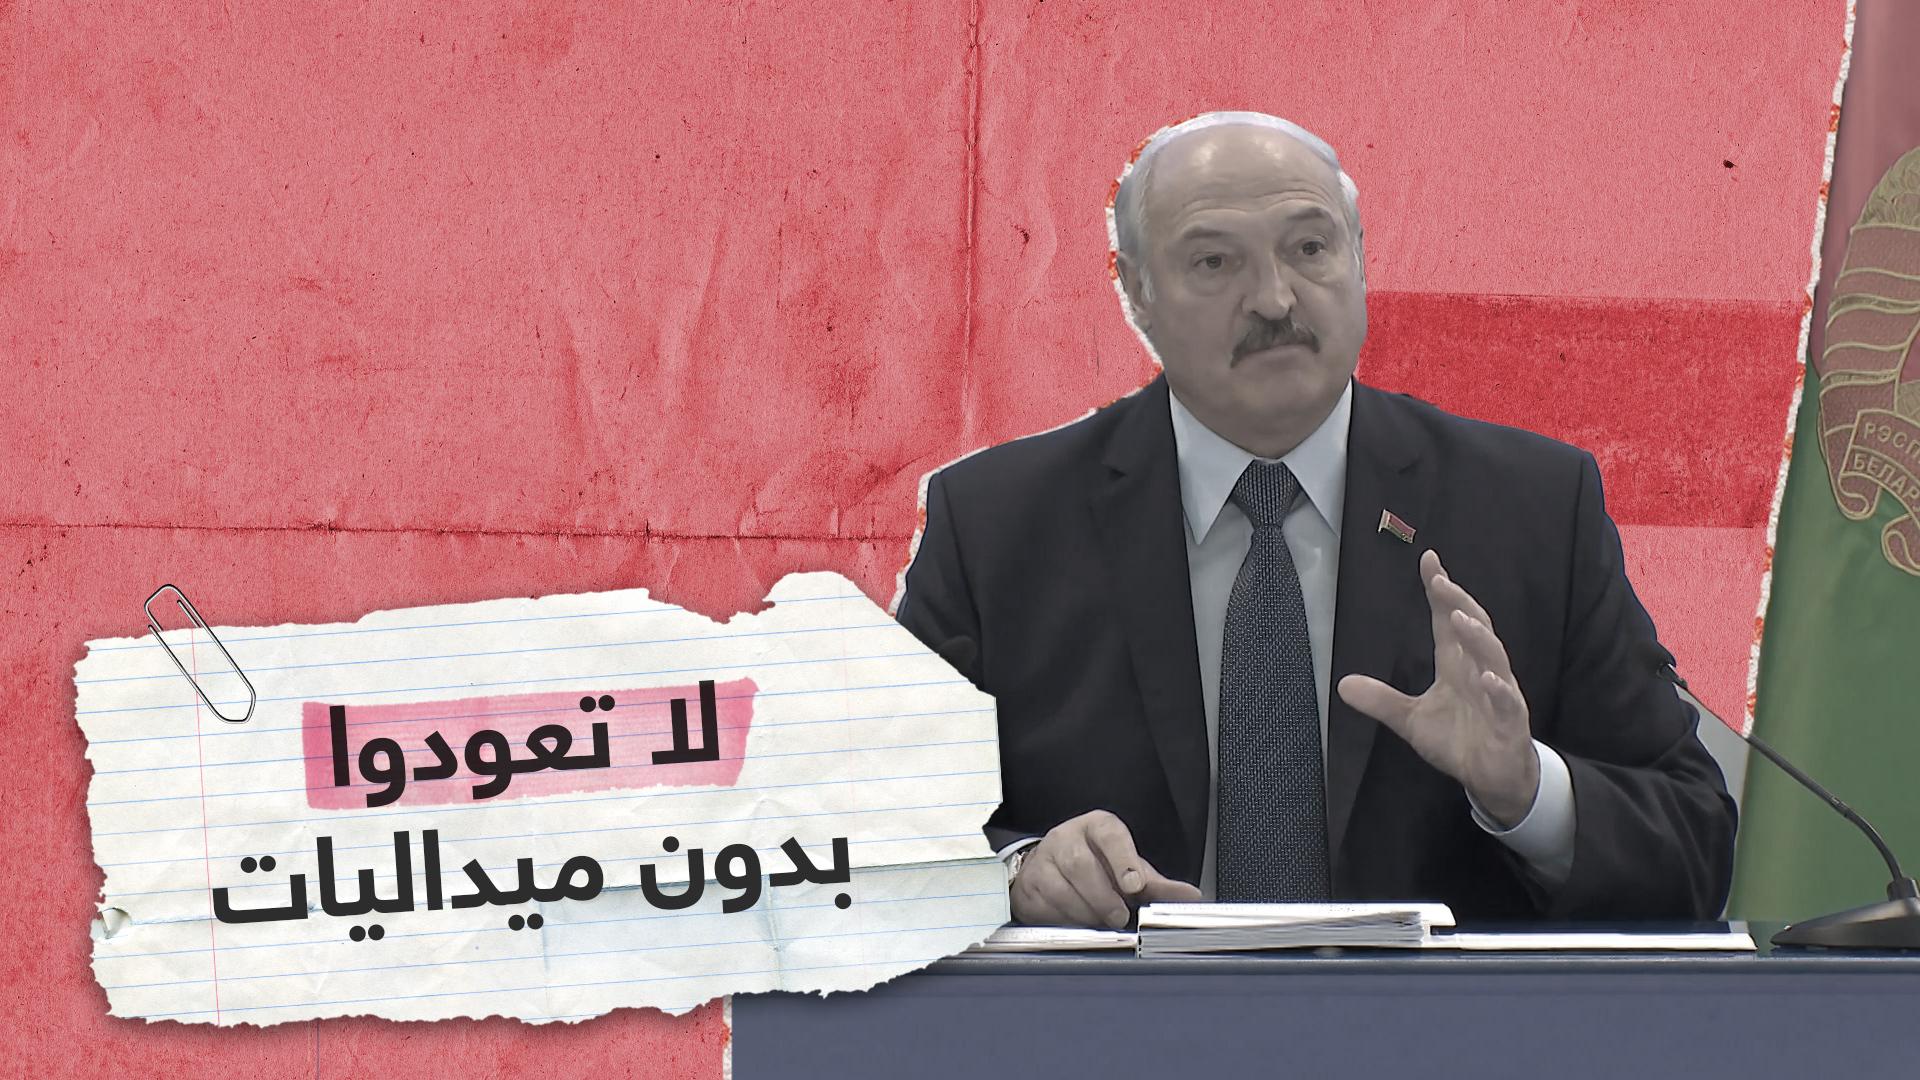 """""""لا تعودوا دون ميداليات"""".. رئيس بيلاروسيا يحذر الرياضيين قبل طوكيو 2020"""